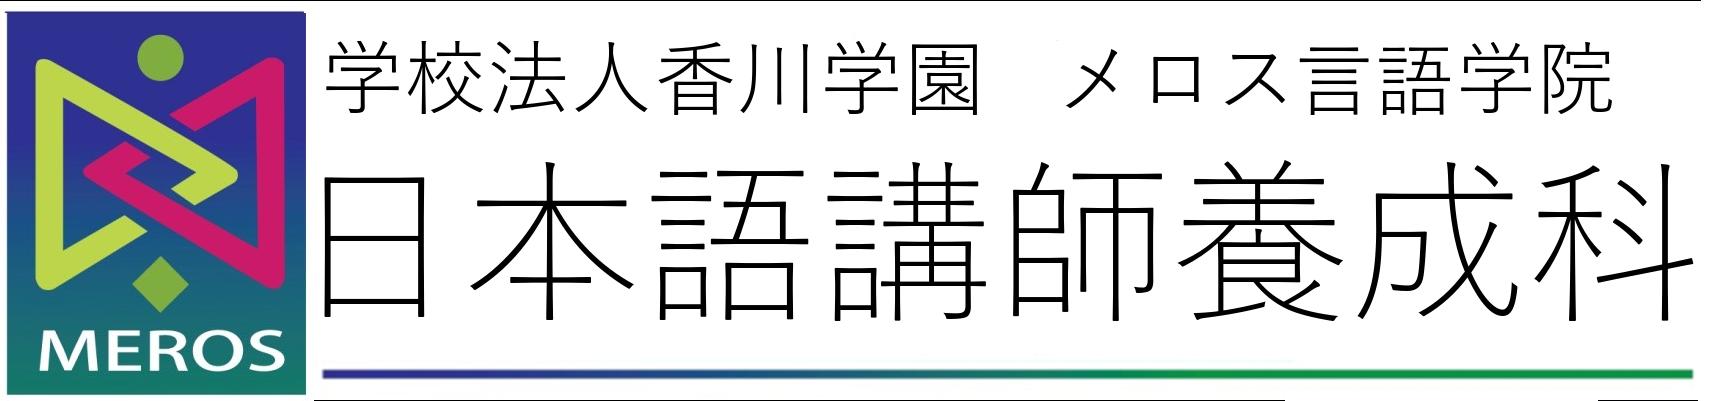 メロス言語学院 日本語講師養成講座